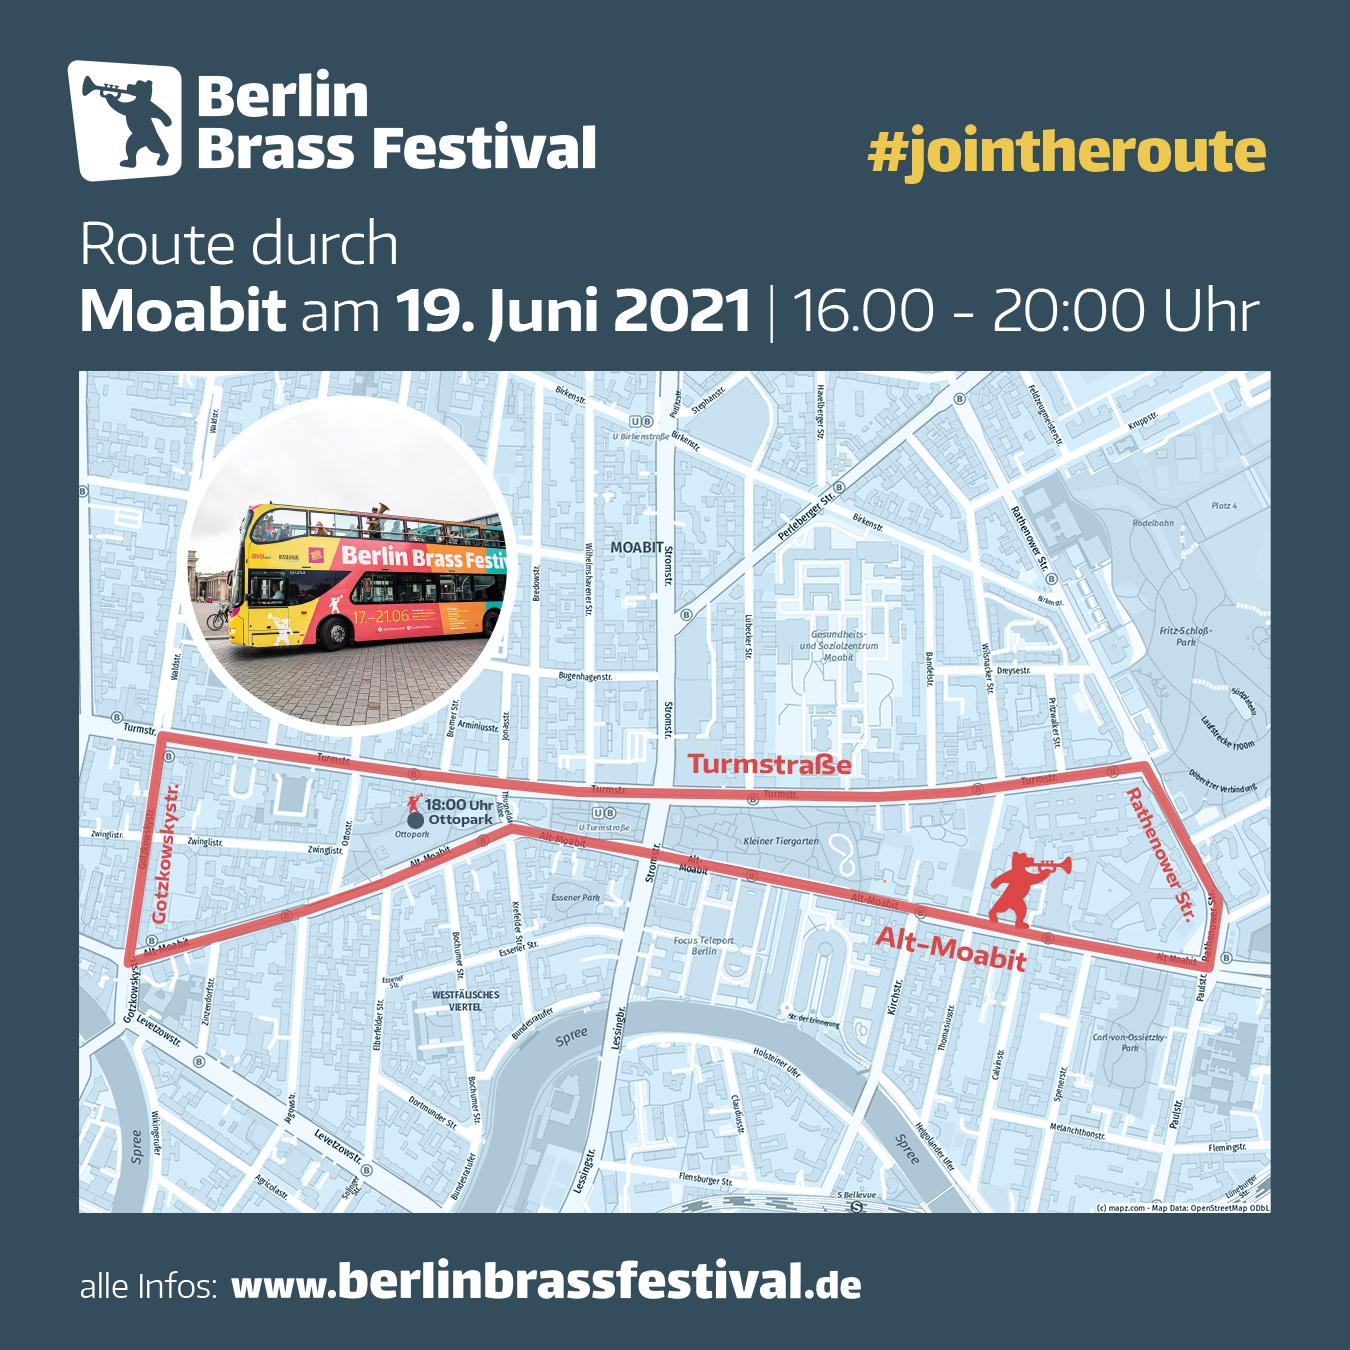 Berlin Brass Festival 2021 Route Moabit